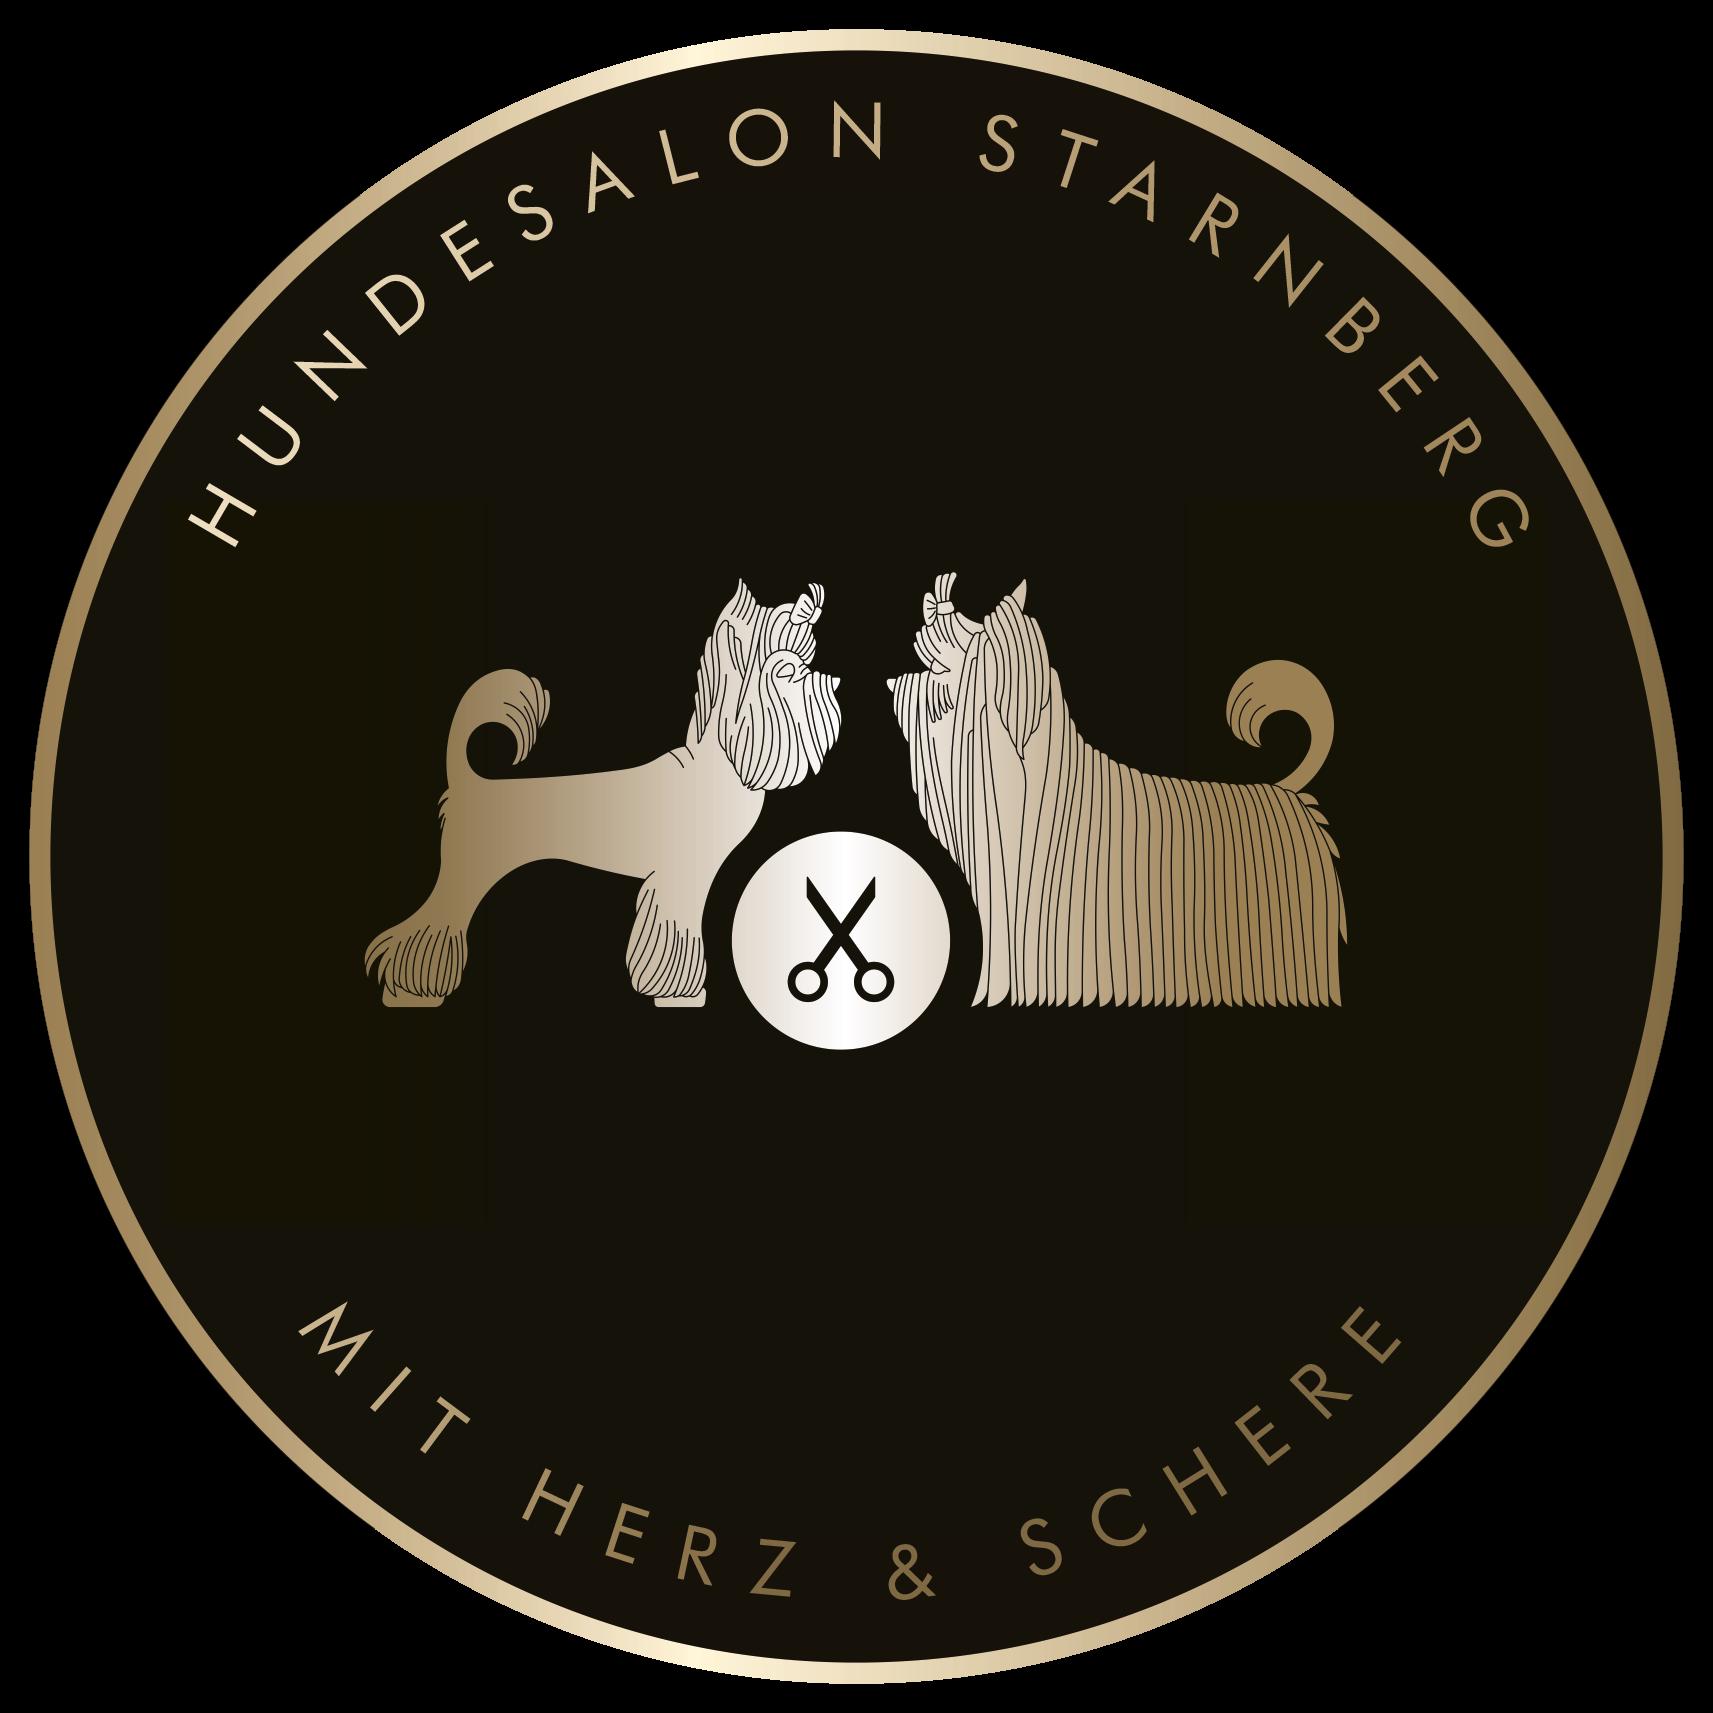 Hundesalon Starnberg